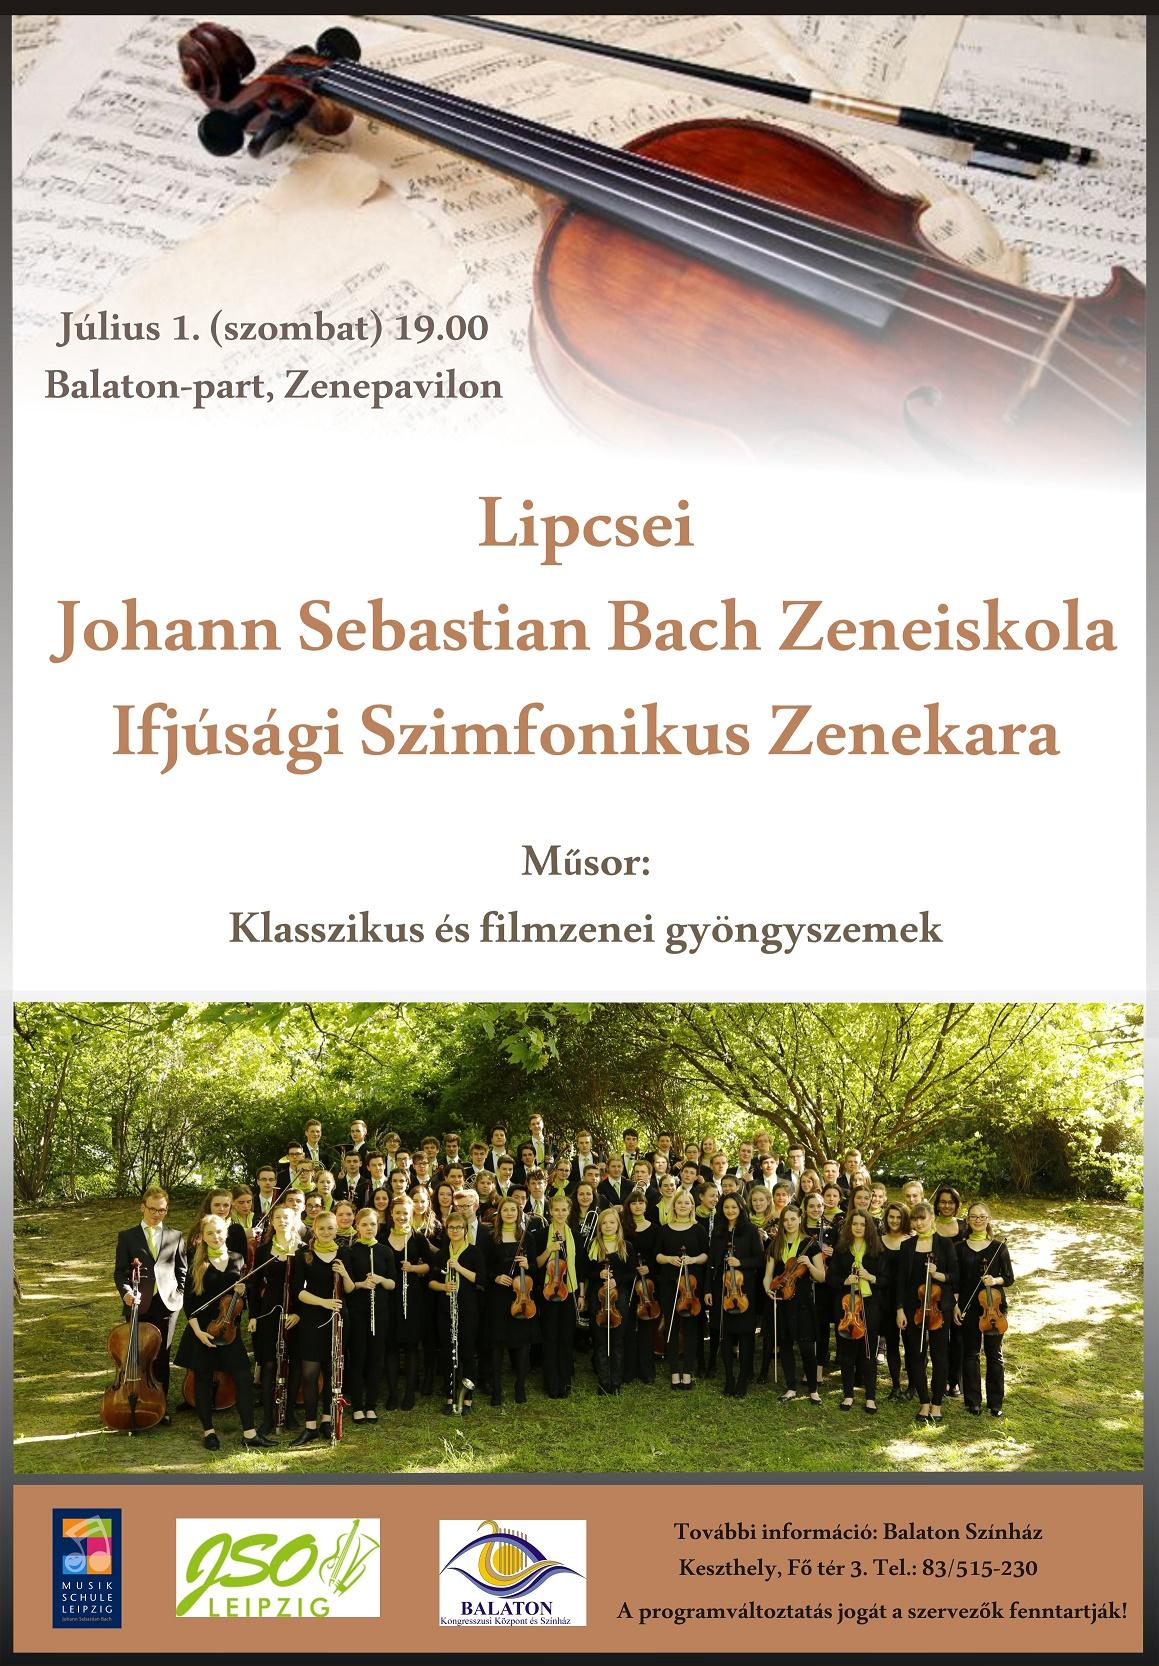 Lipcsei Johann Sebastian Bach Zeneiskola Ifjúsági Szimfonikus Zenekara Keszthelyen